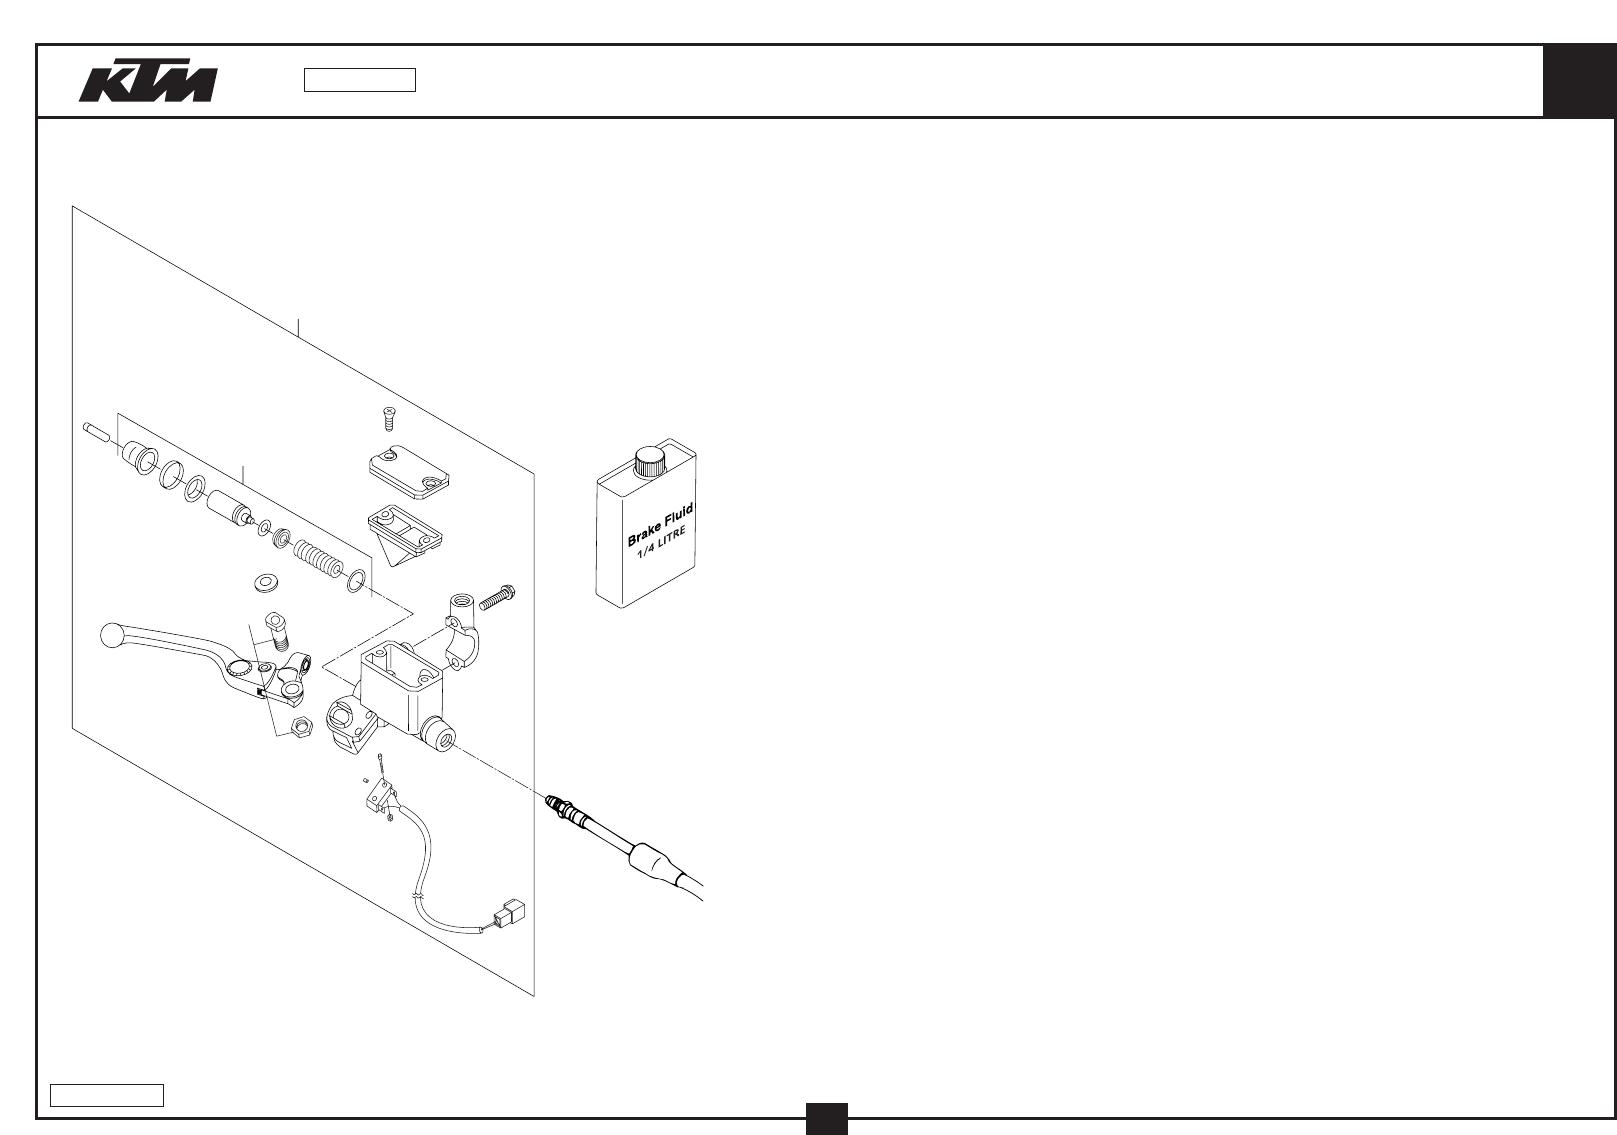 Feder VA ø 19 mm Zugfeder 114 mm lang d= 3,2 mm